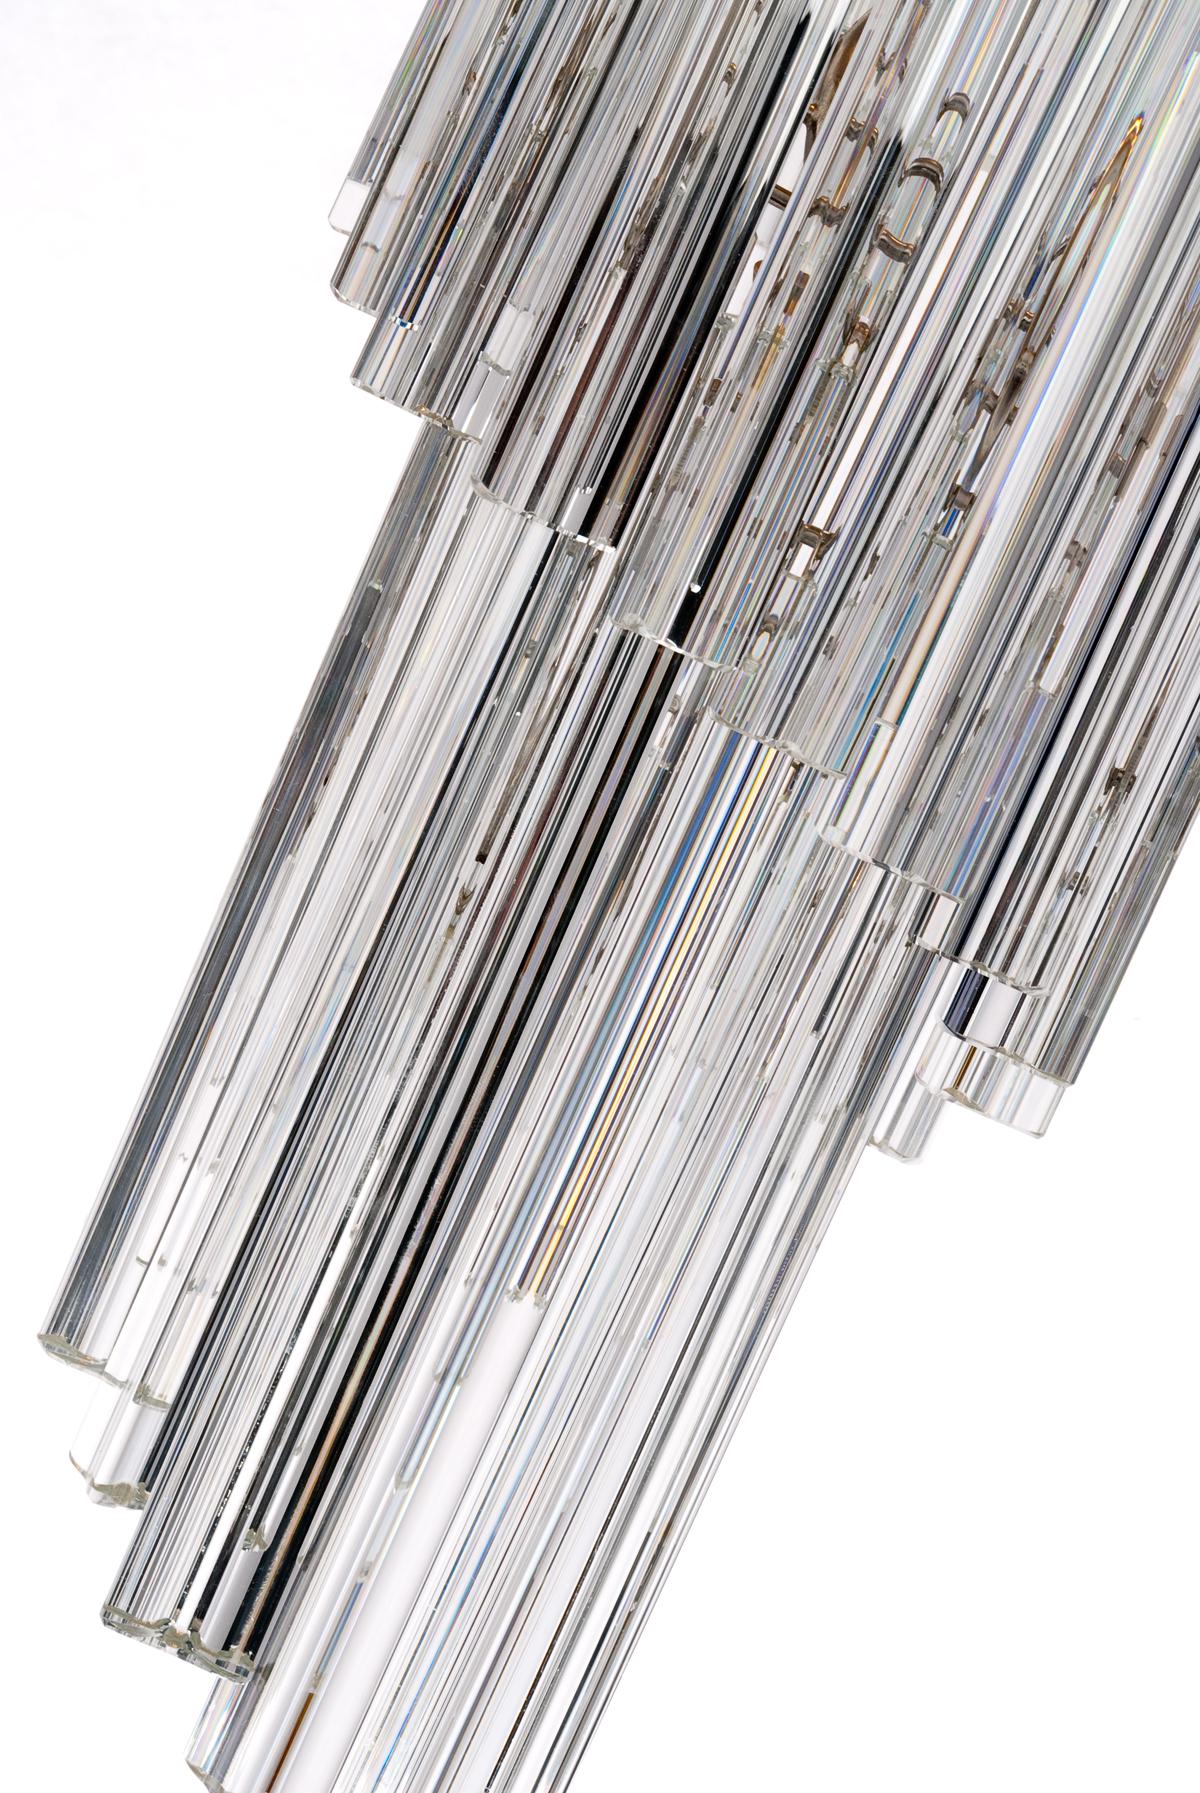 triedre-spirale-suspension-veronese-51.jpg